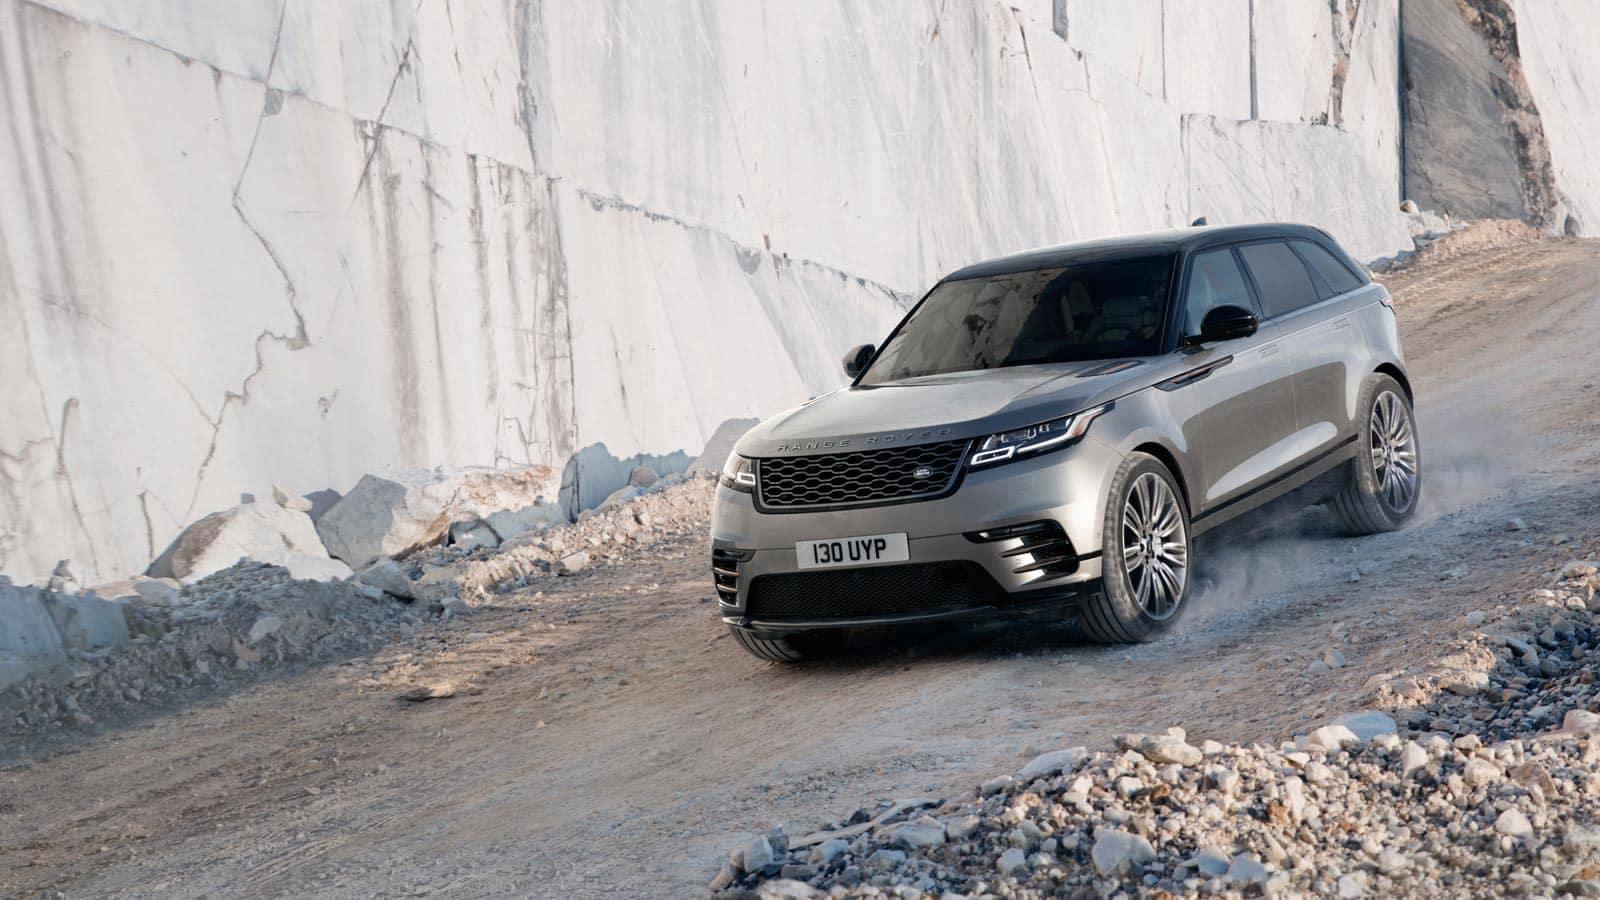 2019 Land Rover Range Rover Velar Off-Roading Down Rock Hill